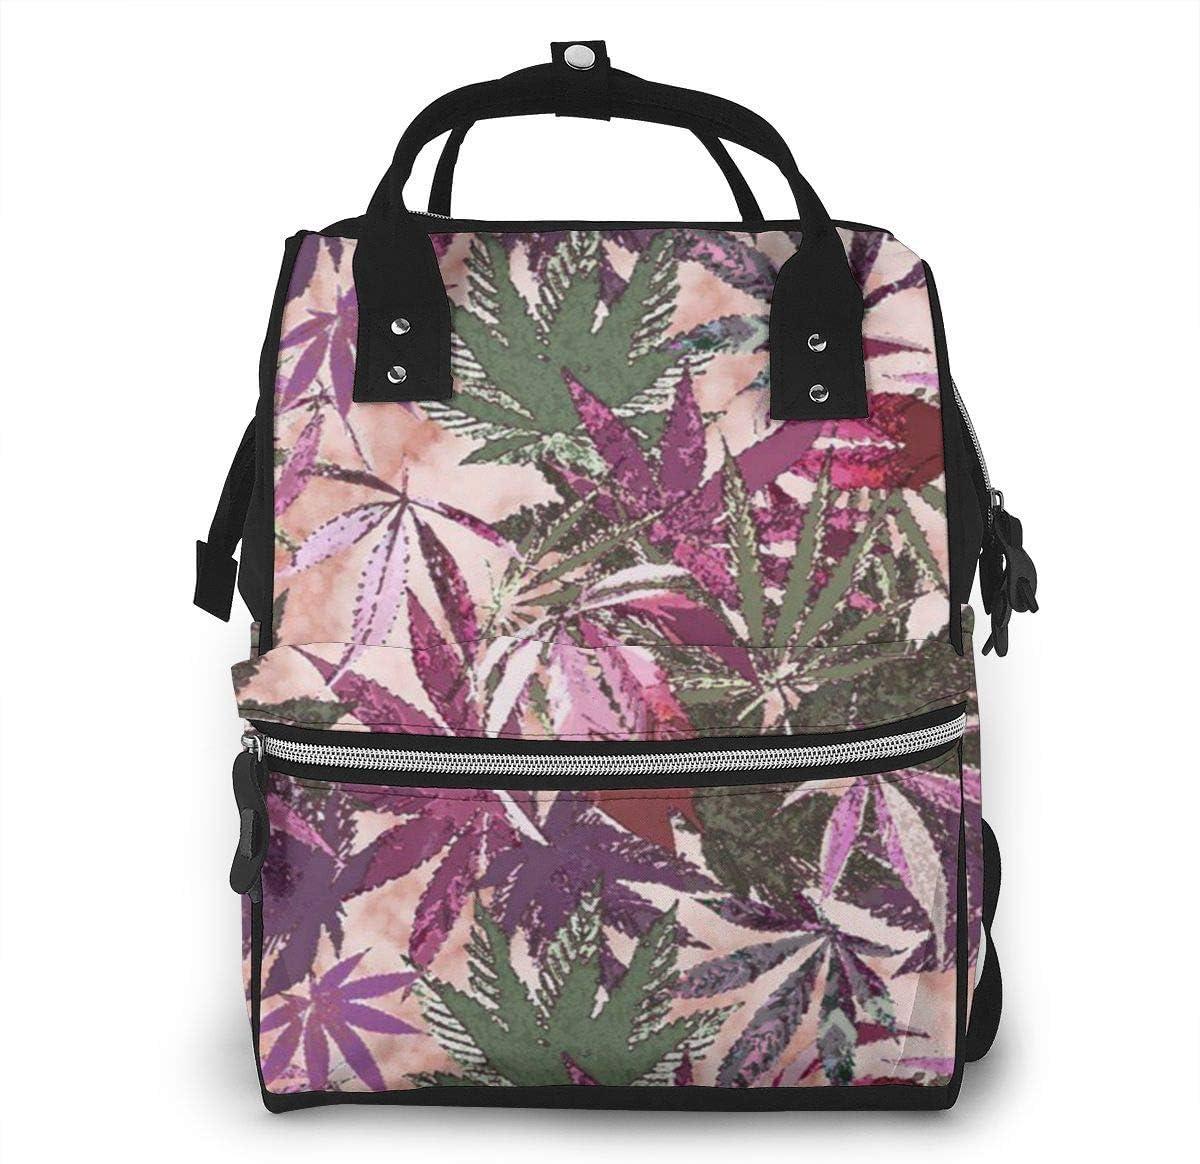 nbvncvbnbv Mochila para pañales Mochila Cannabis Sativa Multifunción Mochila de viaje de gran capacidad Mochila para bebés Pañal Organizador Mochilas casuales impermeables y duraderas